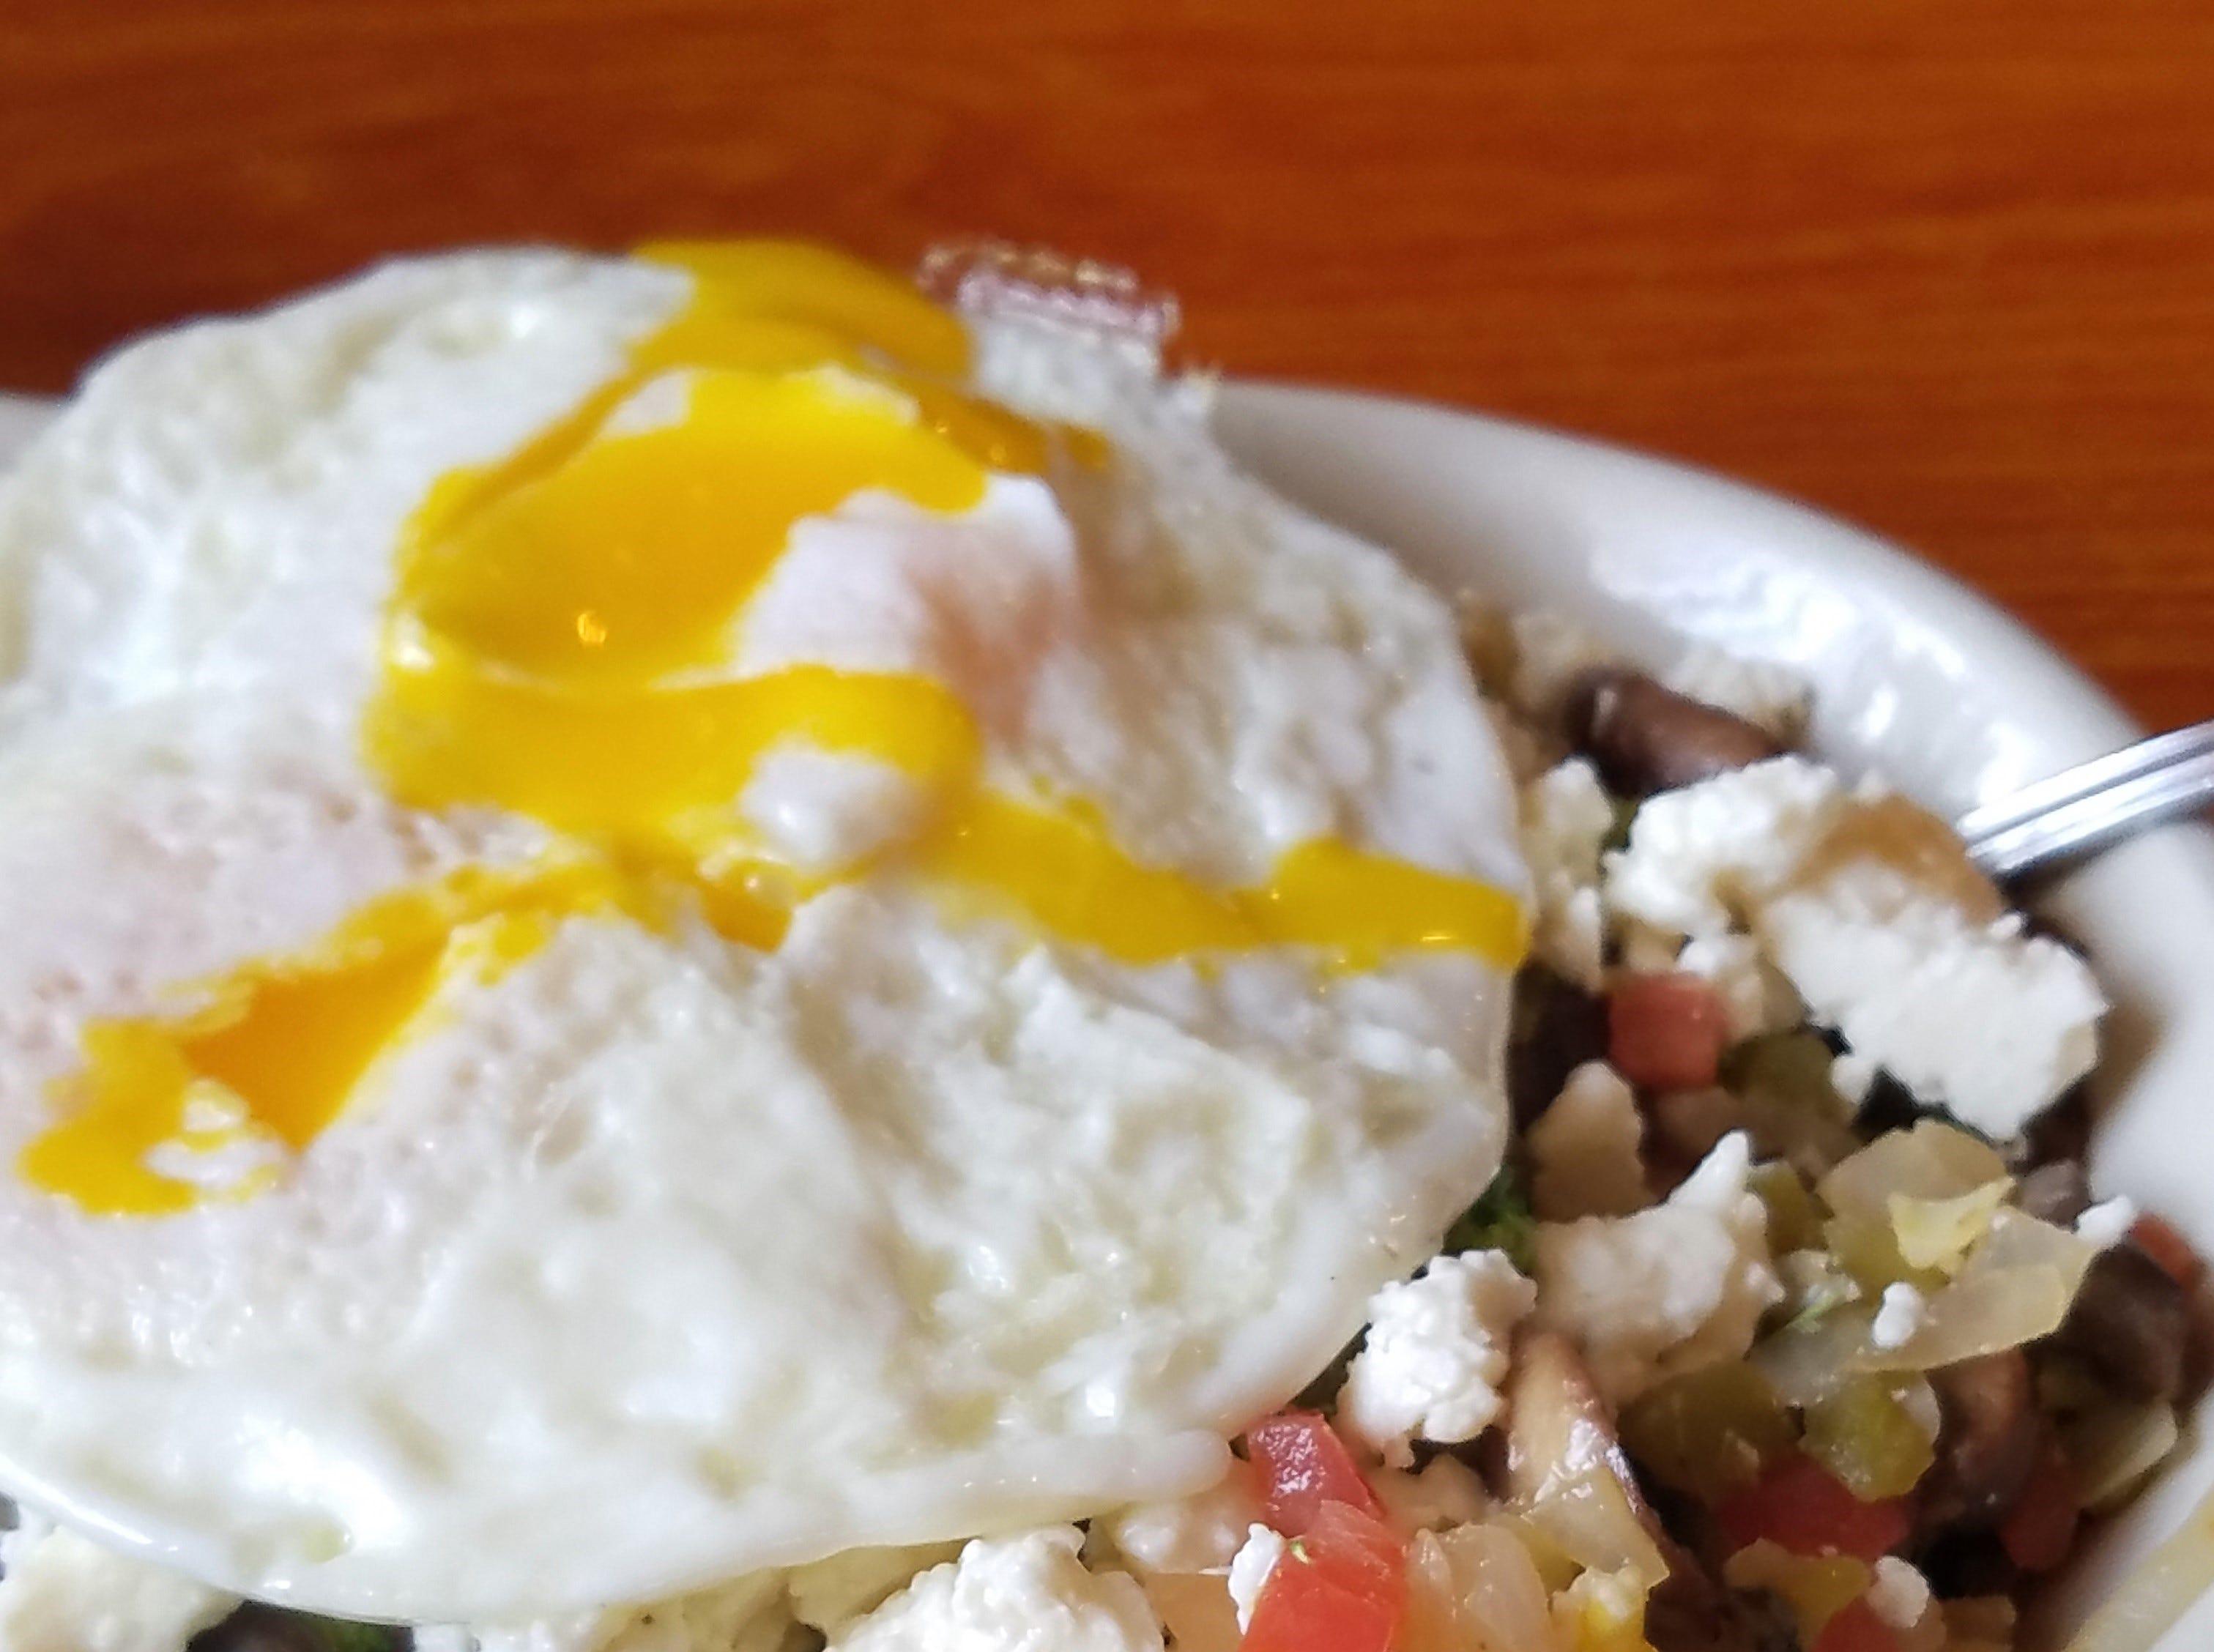 Veggie breakfast skillet with over-easy egg at Nellie's Restaurant.